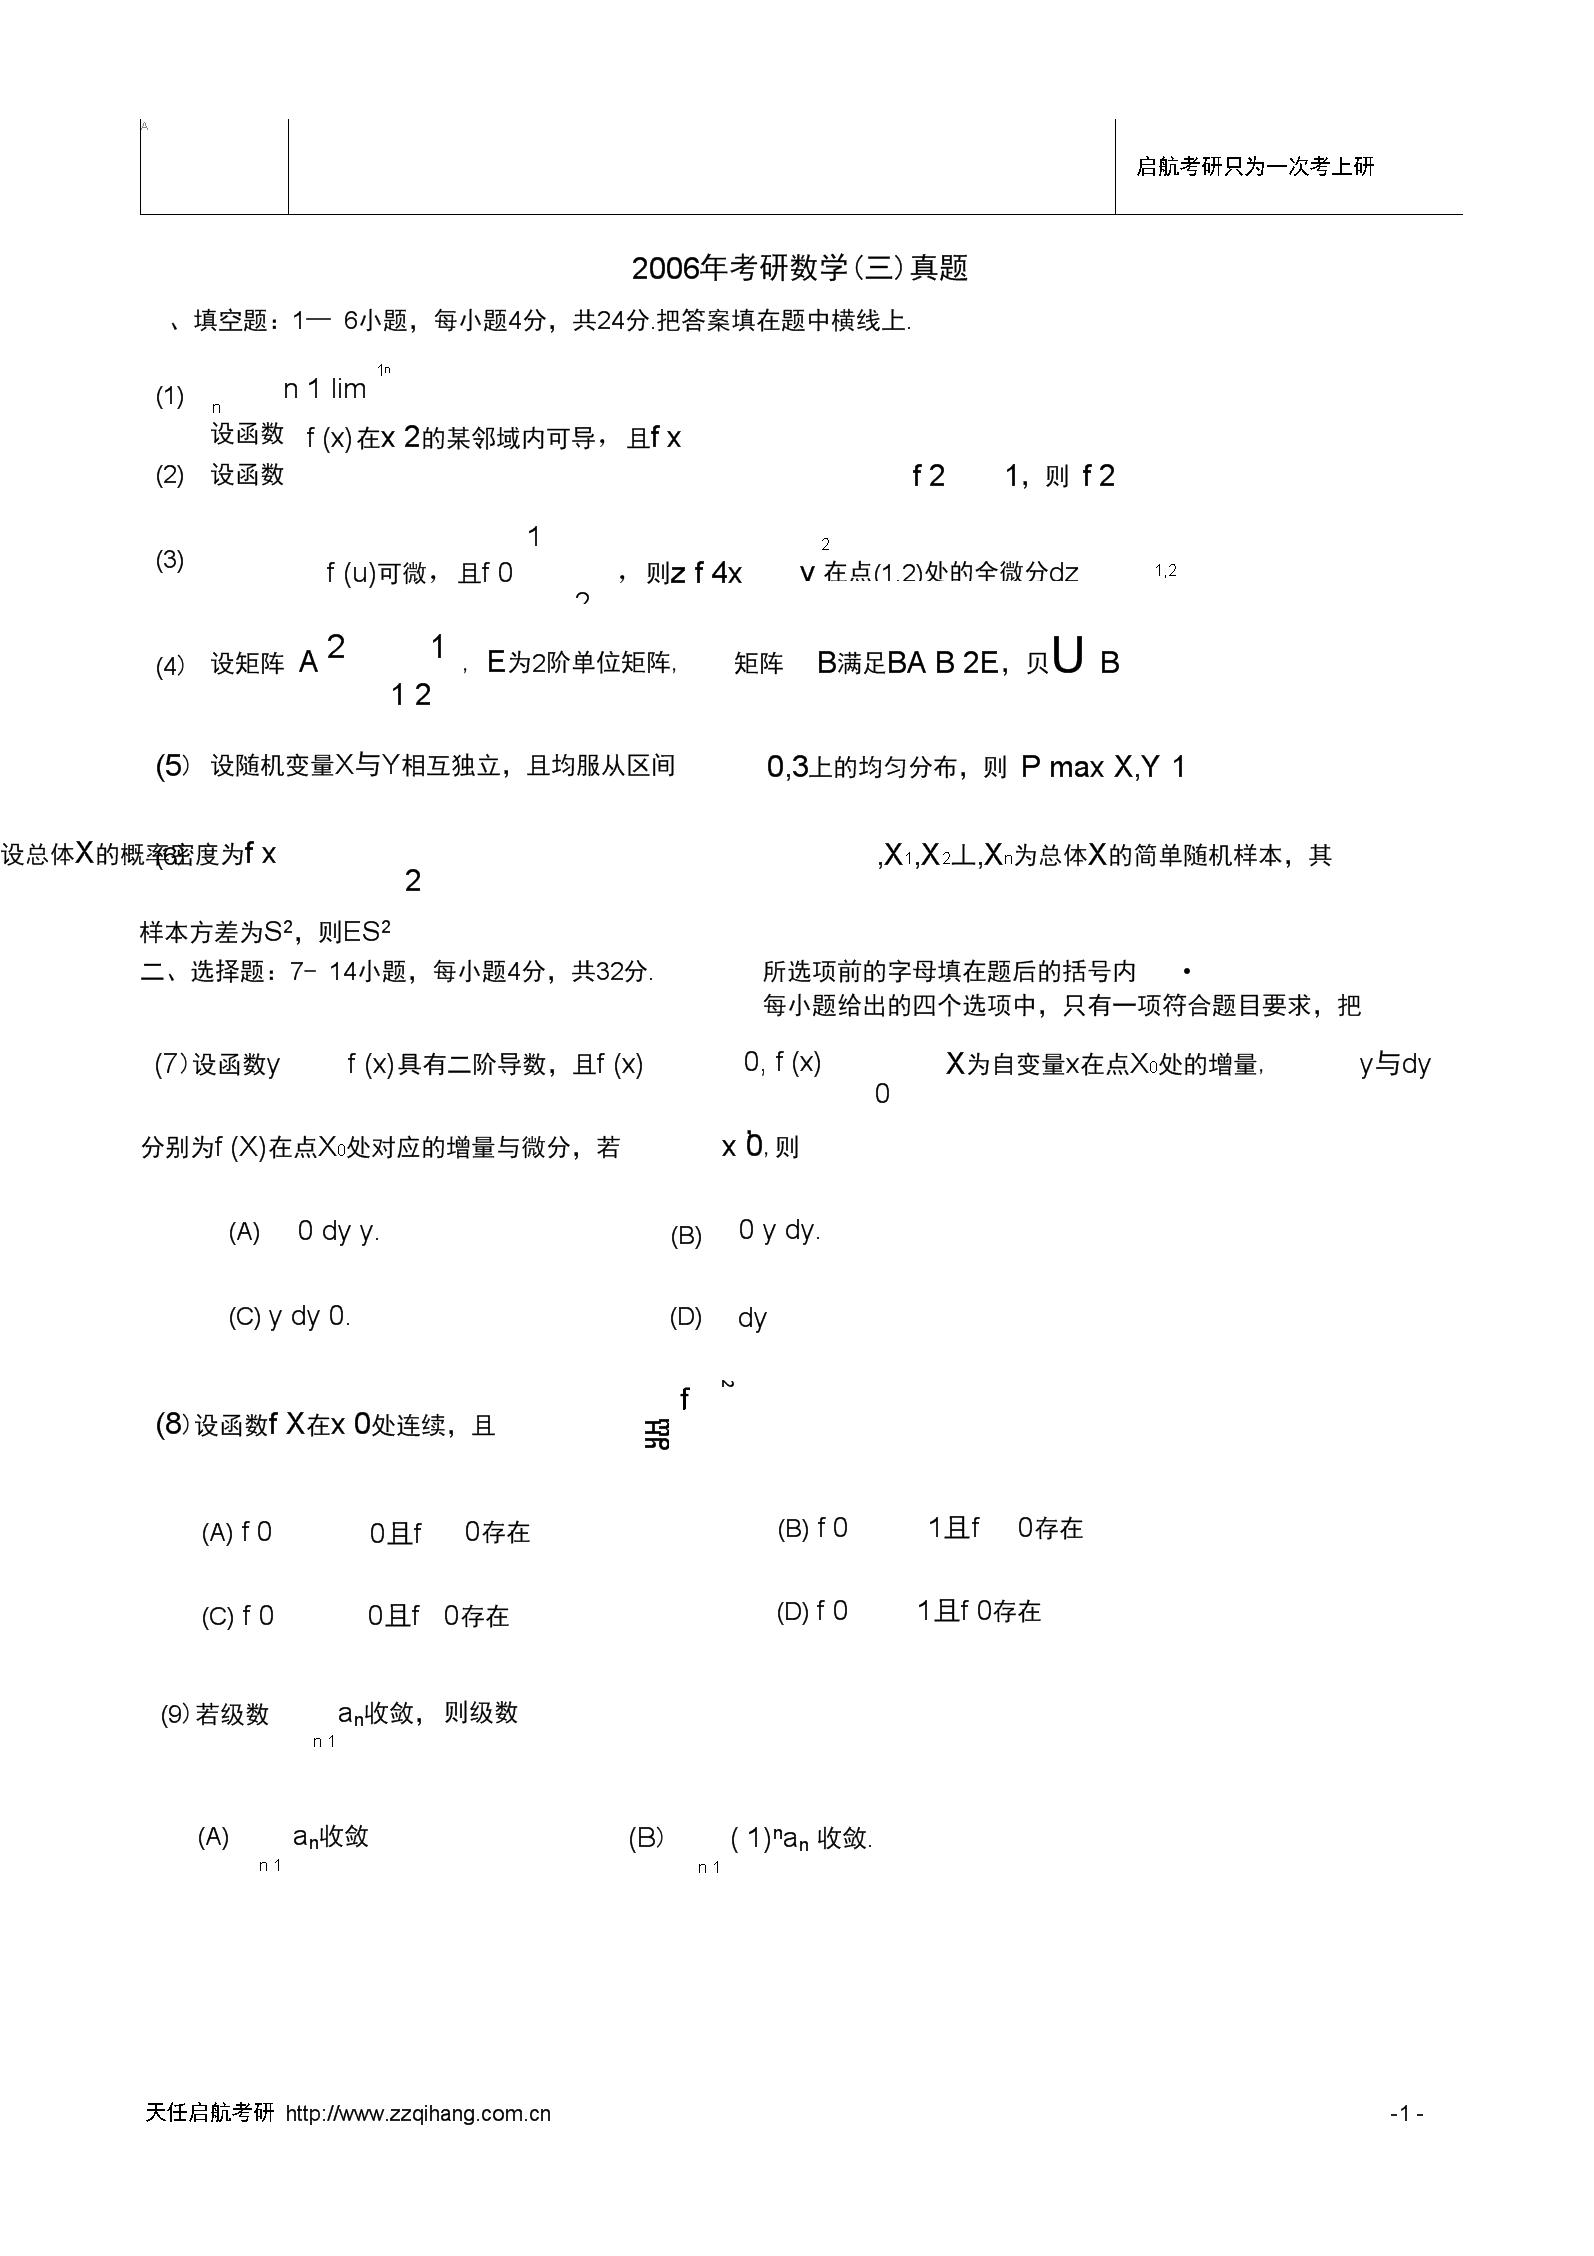 2020年新版考研数学三真题及答案解析.docx